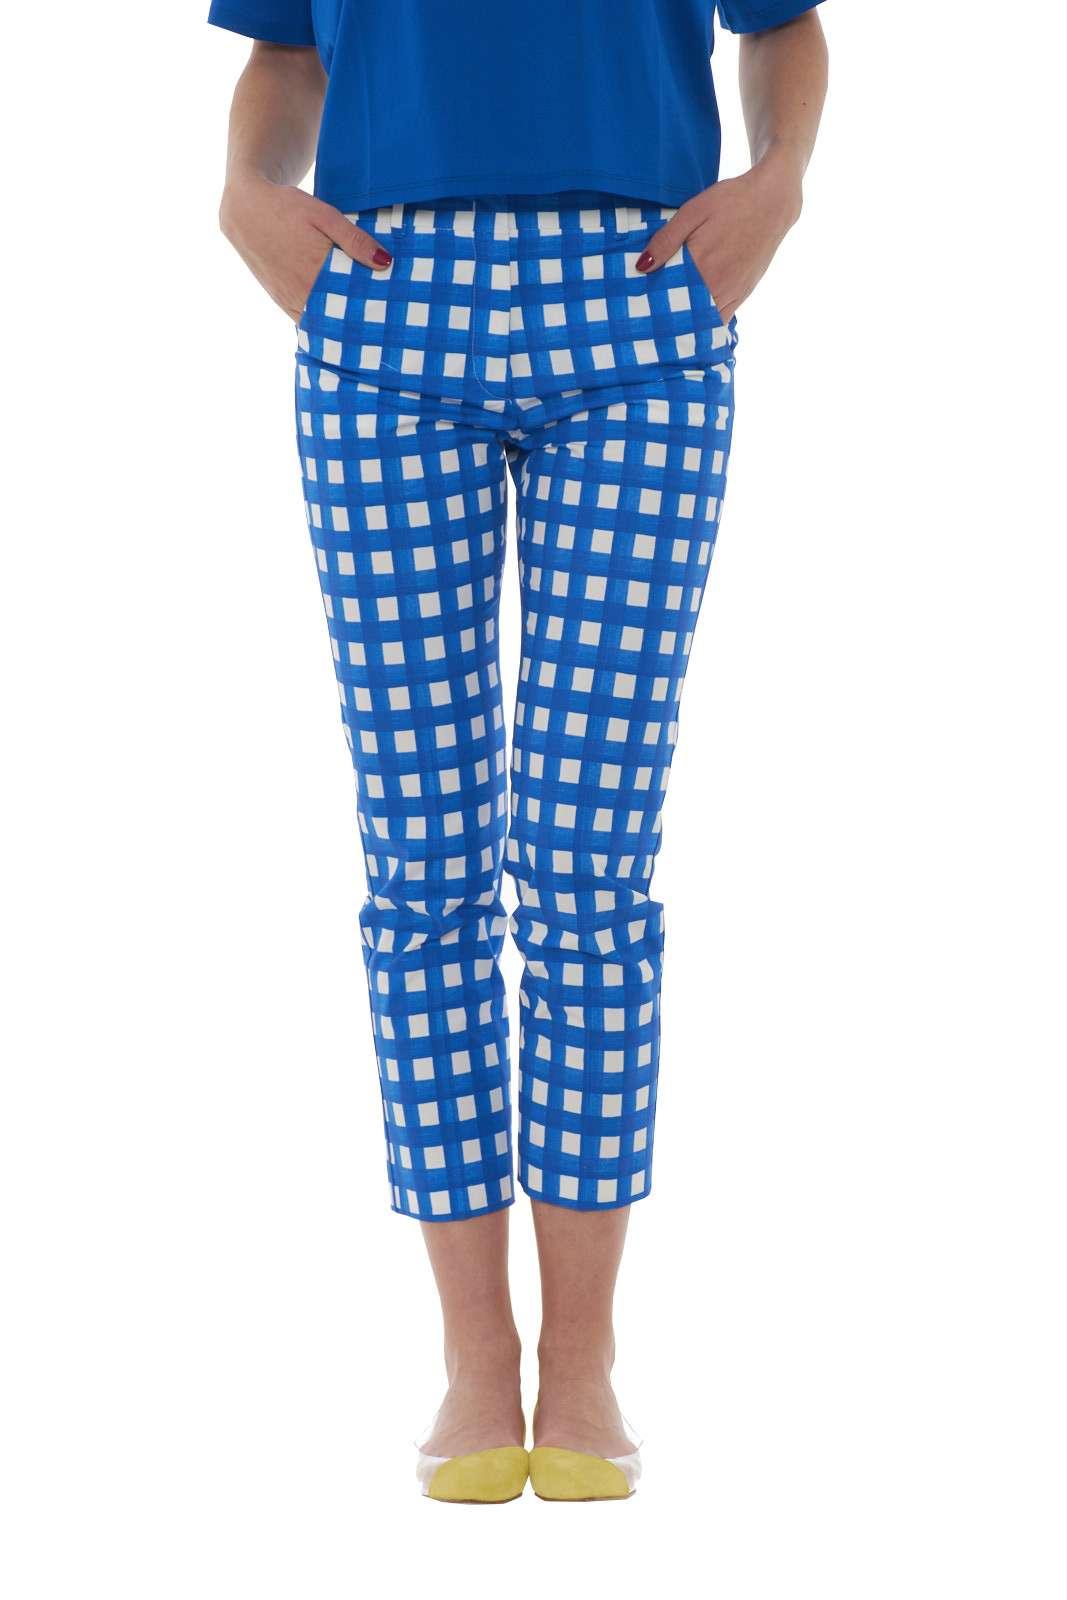 https://www.parmax.com/media/catalog/product/a/i/PE-outlet_parmax-pantalone%20donna-MaxMara-51310401-A.jpg